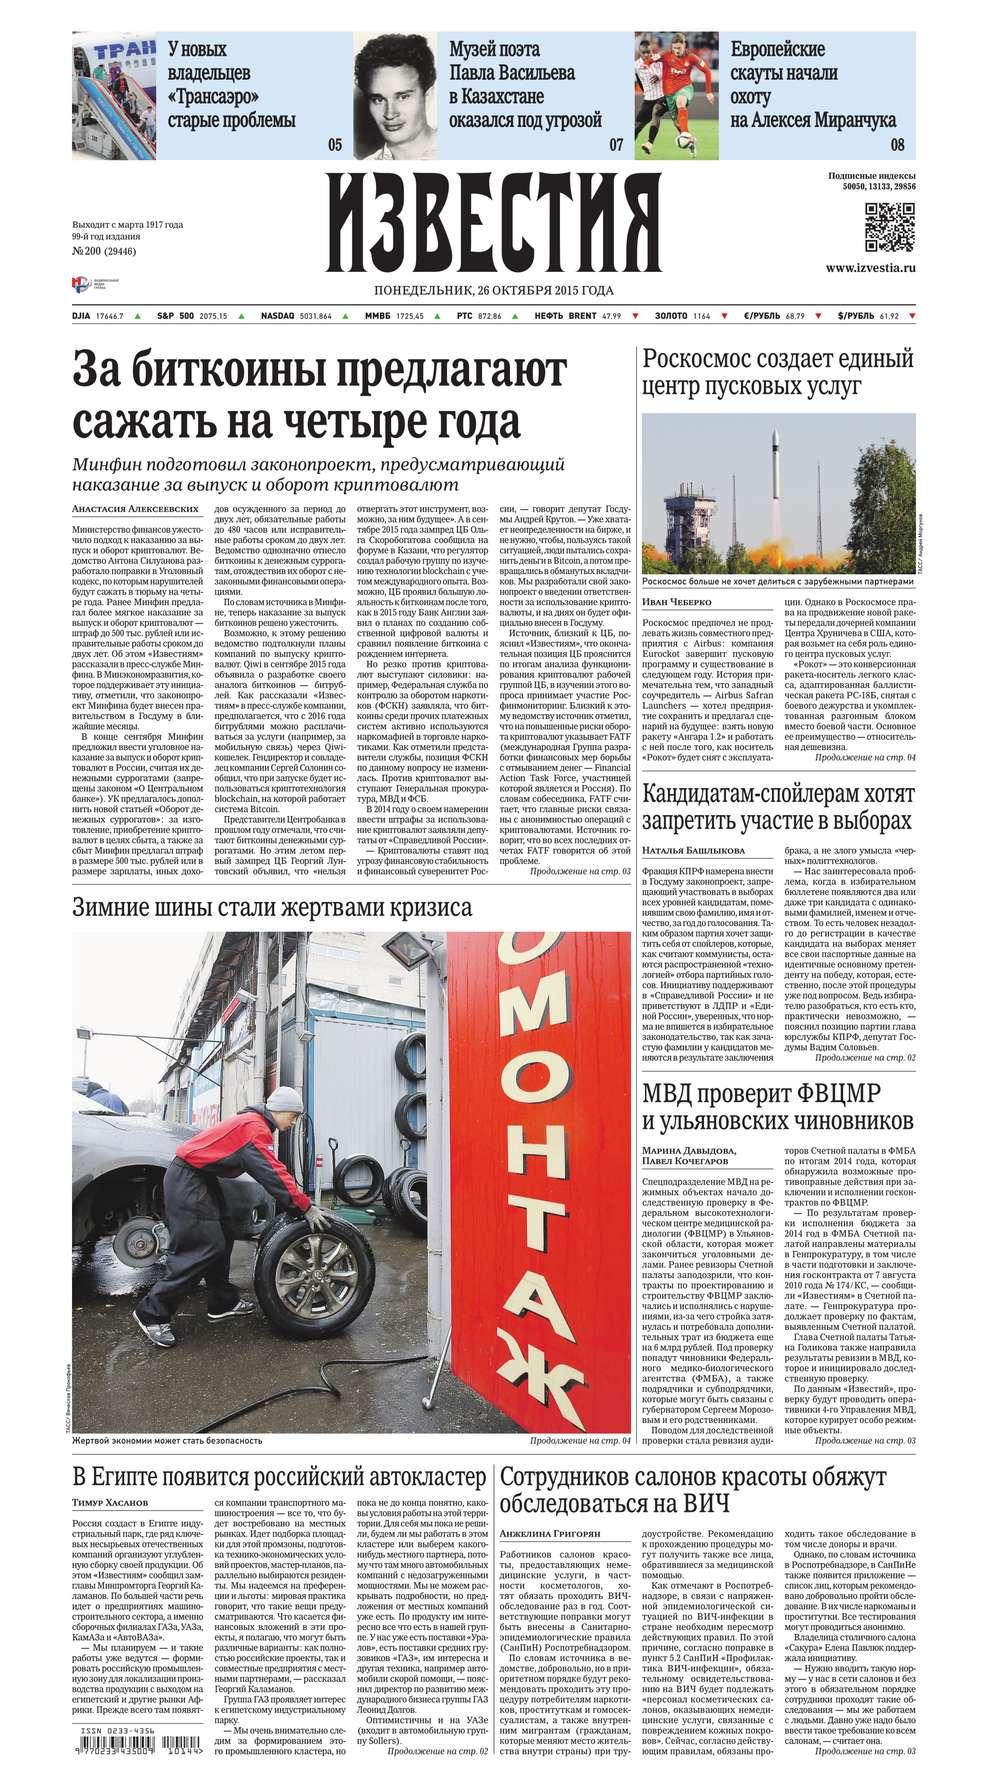 Известия 200-2015